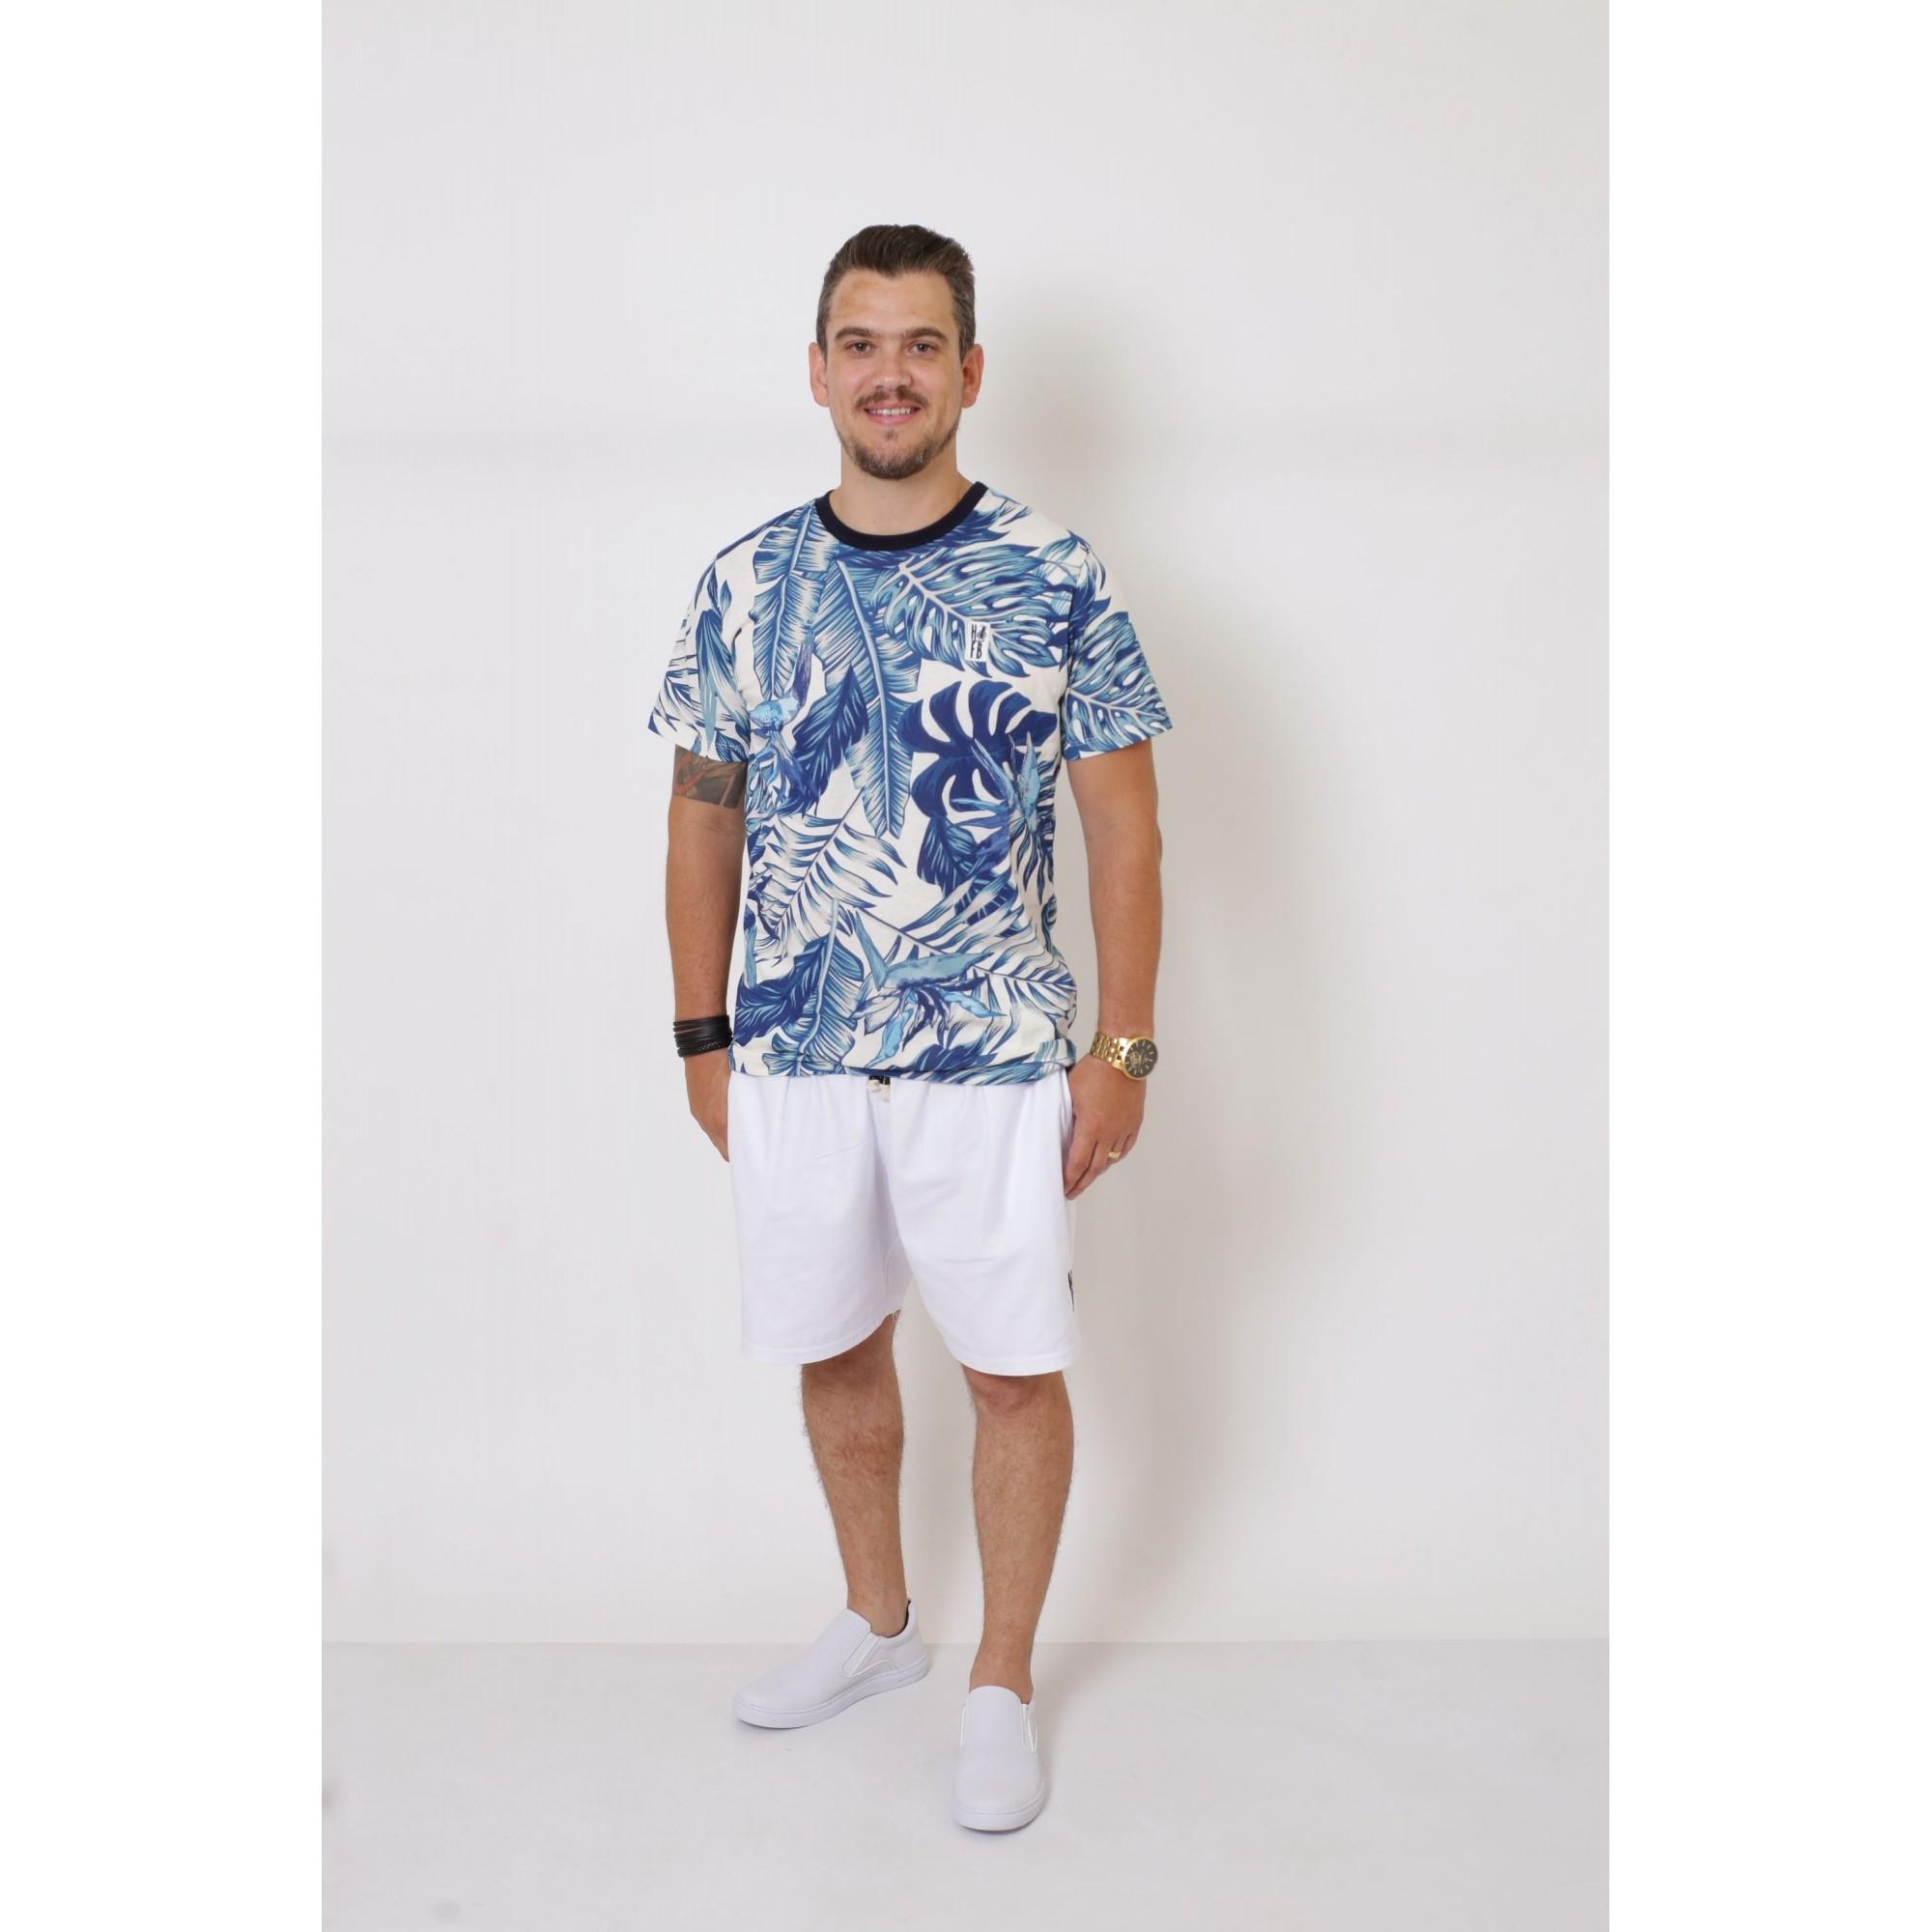 NAMORADOS > Kit 02 Peças T-Shirts Caribe [Coleção Namorados]  - Heitor Fashion Brazil